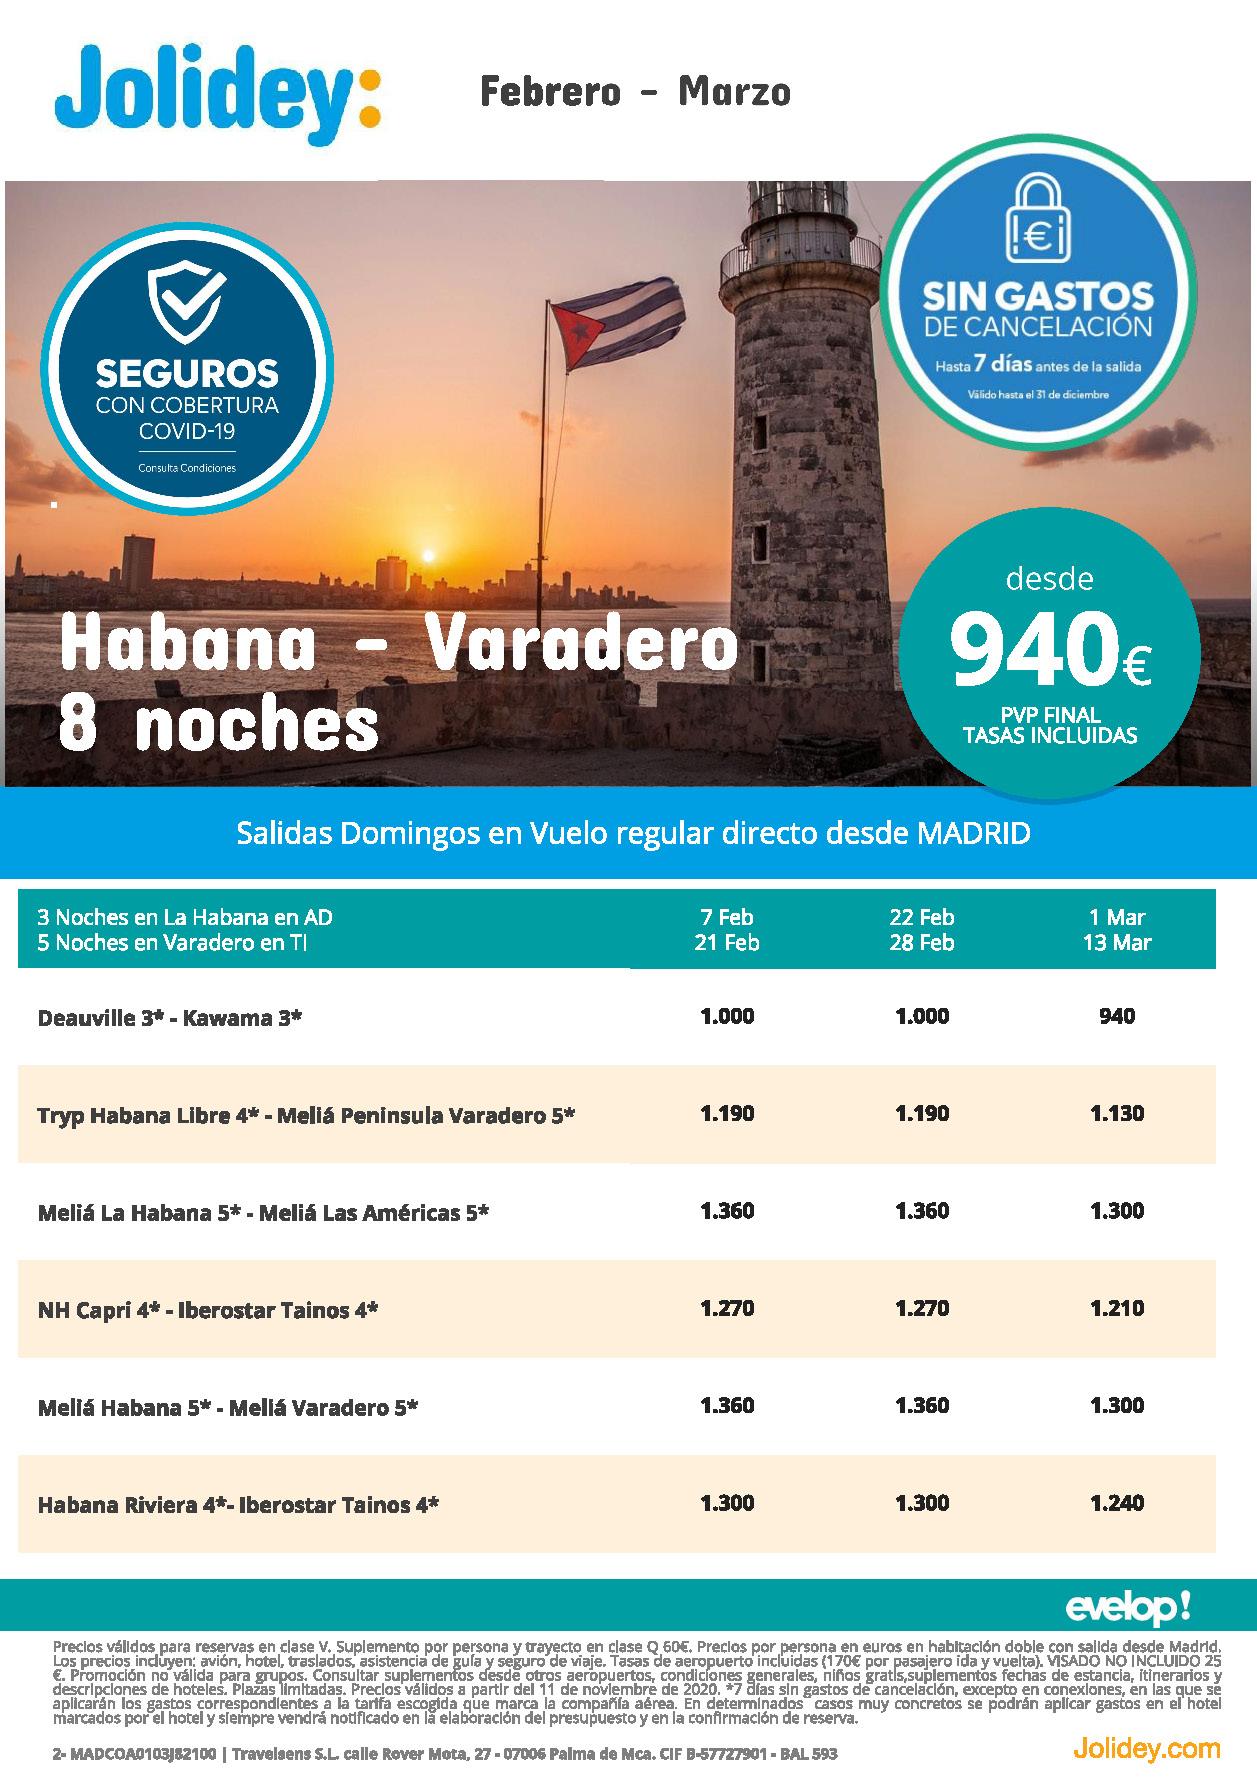 Oferta Jolidey Combinados La Habana-Varadero Febrero-Marzo 2021 vuelo directo desde Madrid